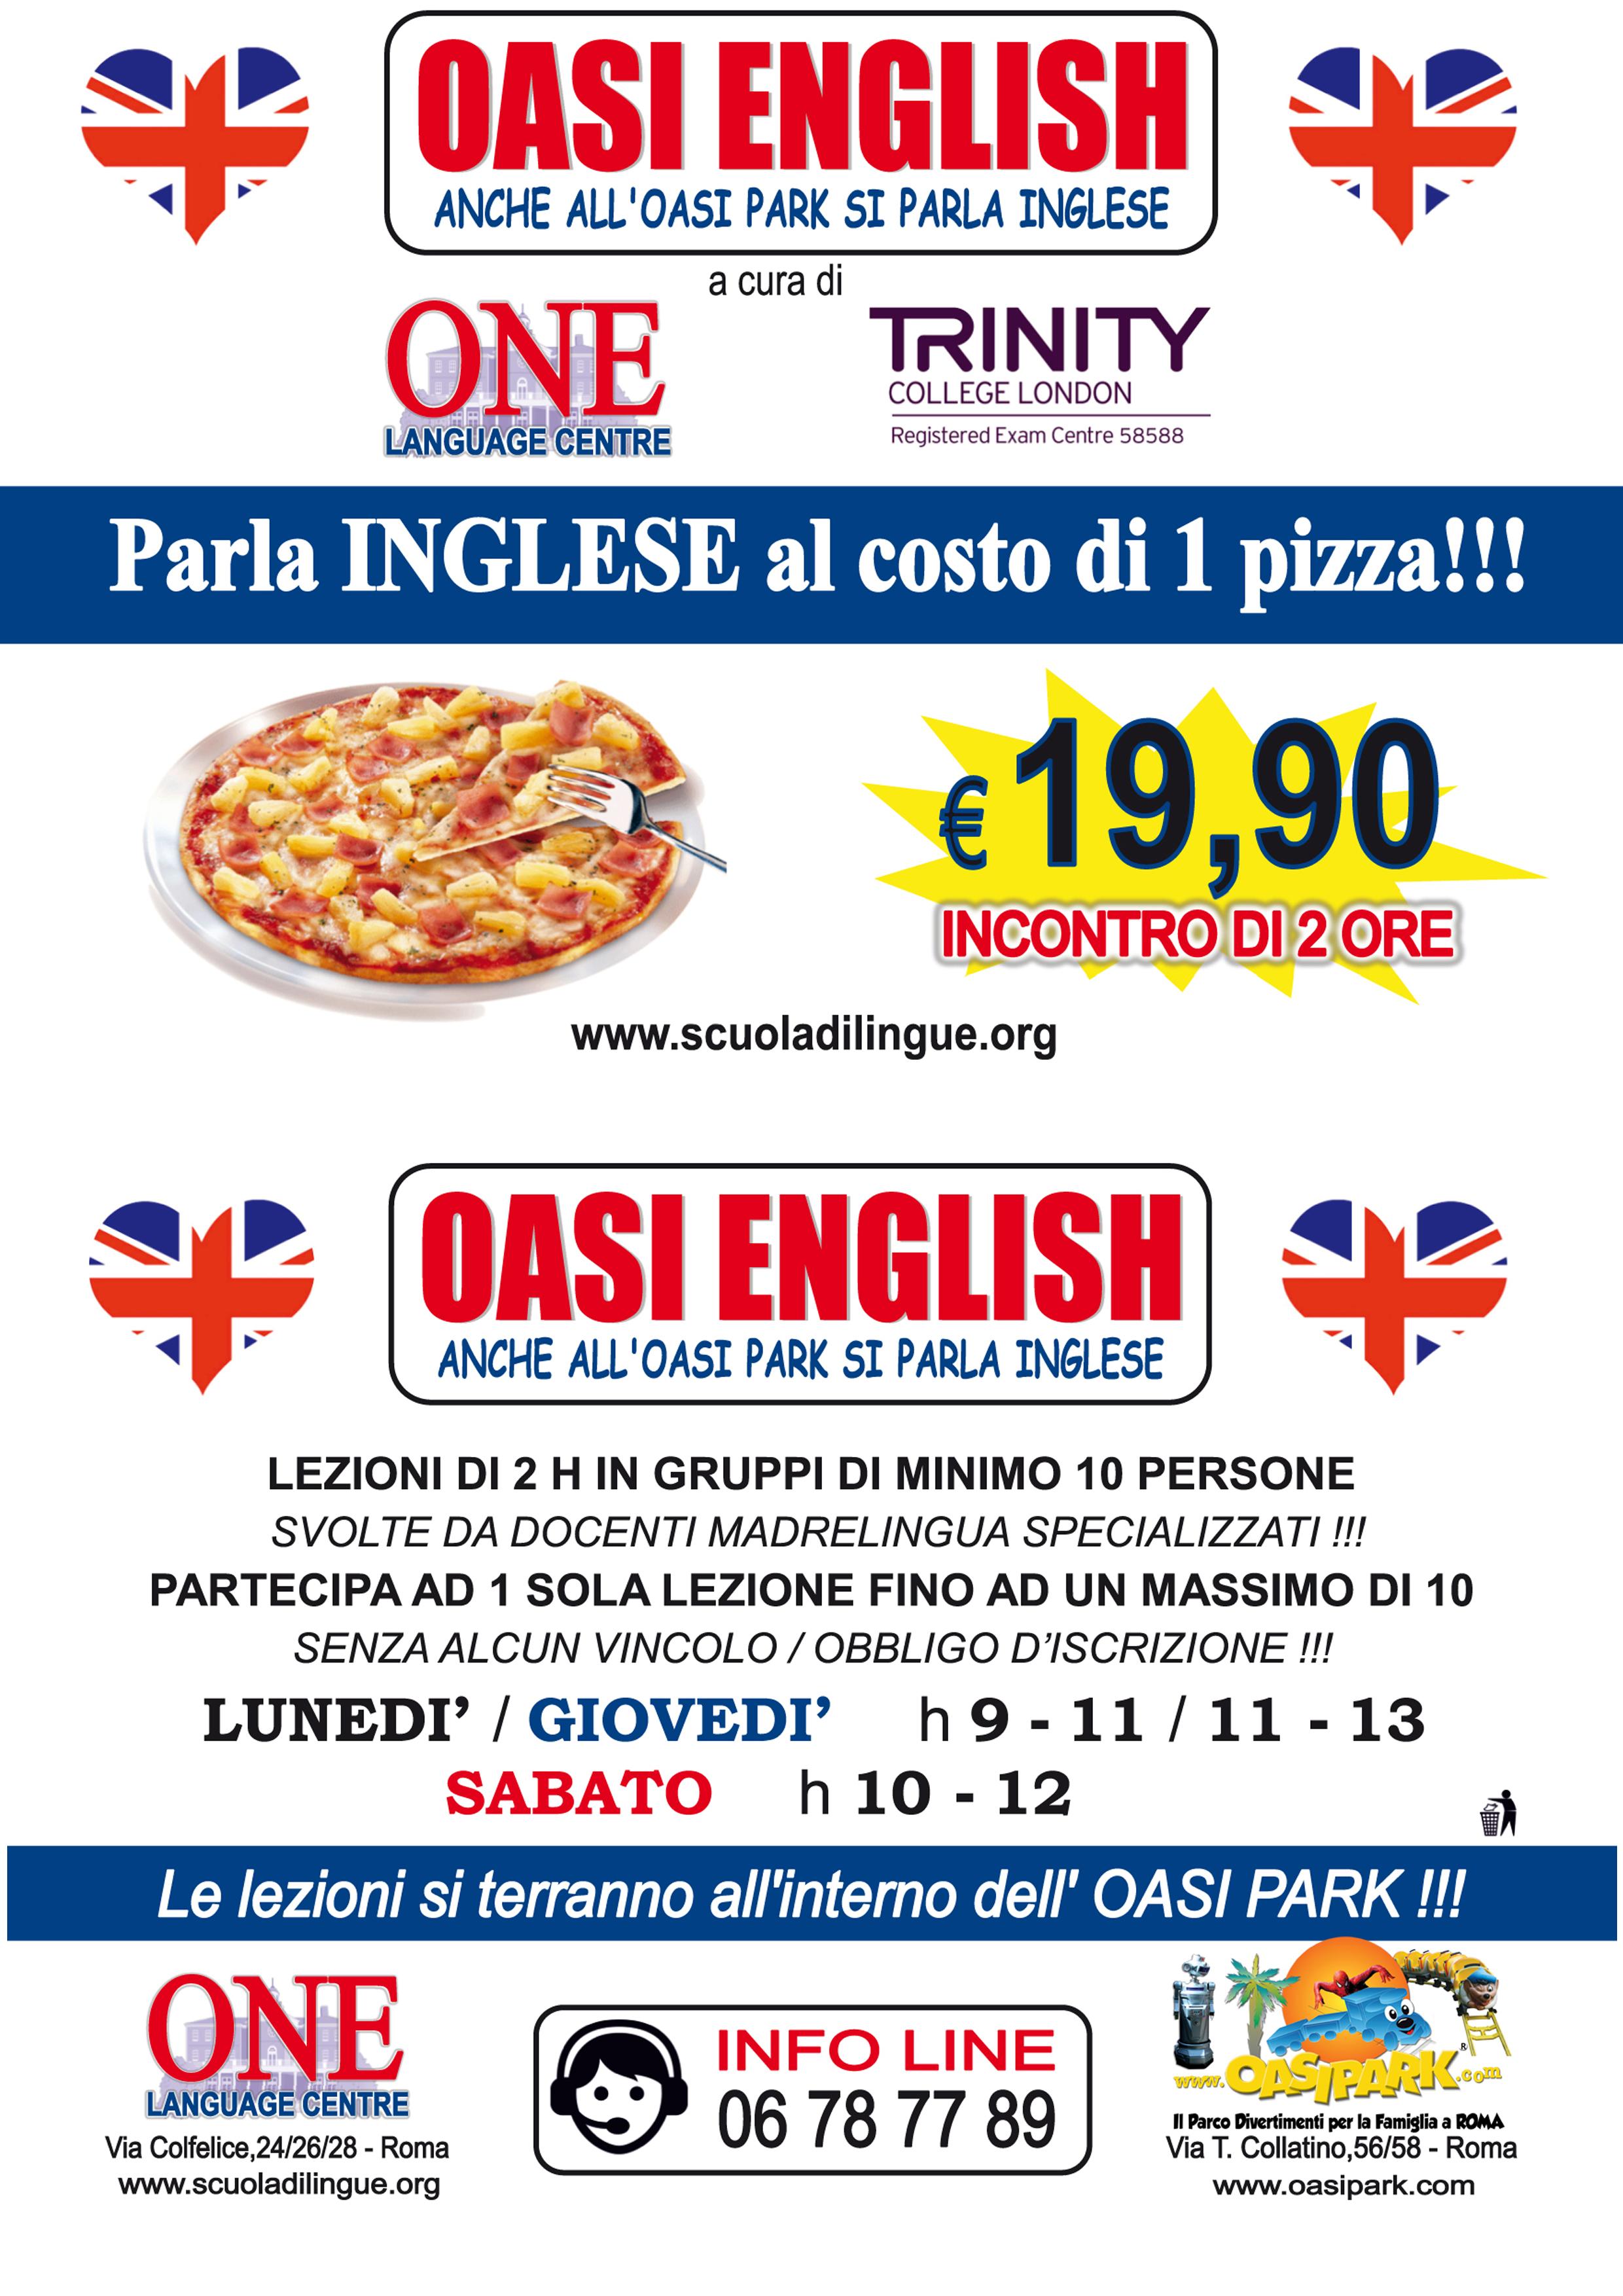 OASI ENGLISH